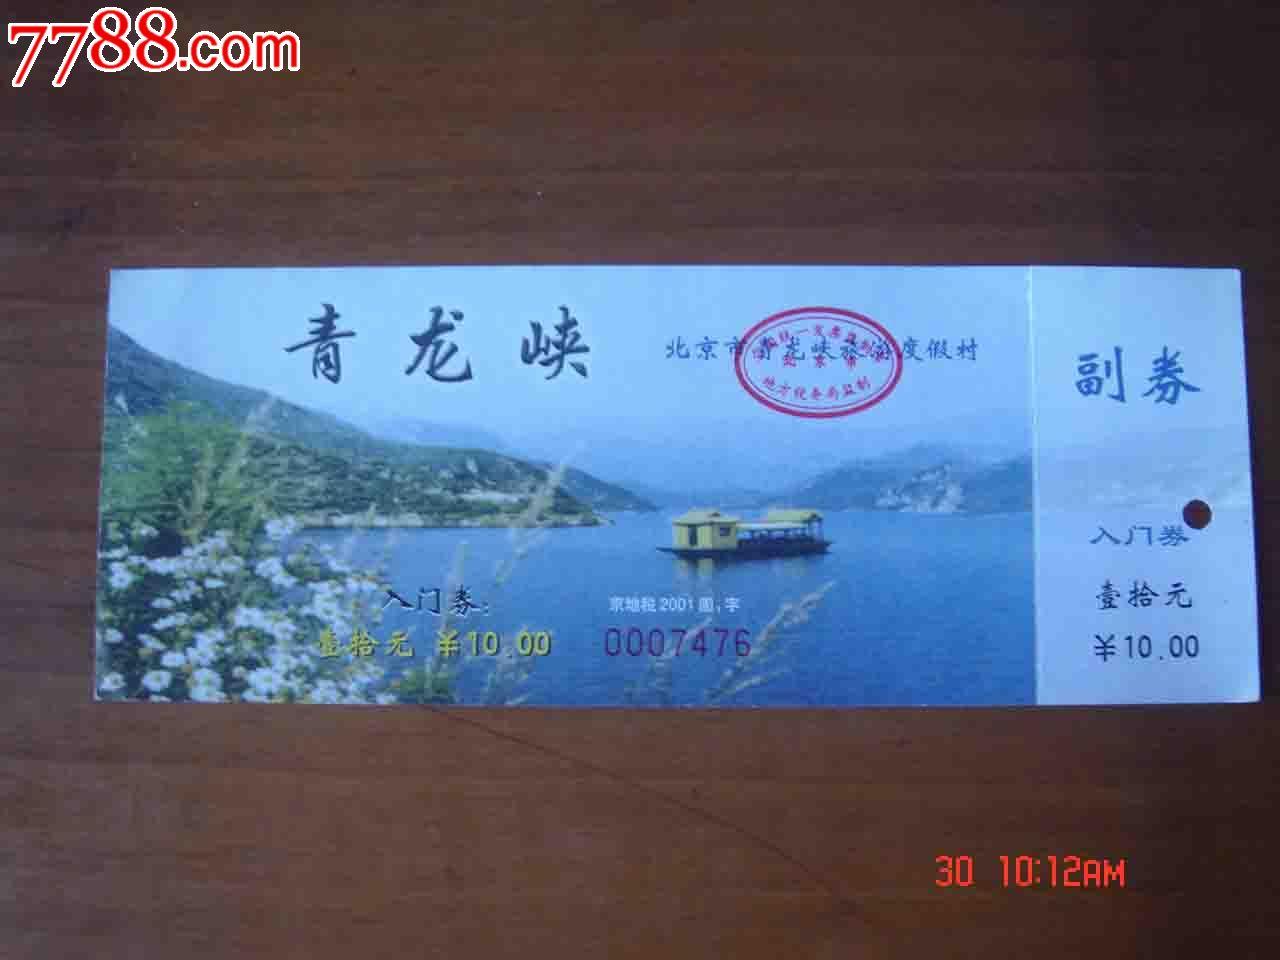 门票.北京市青龙峡旅游劵036